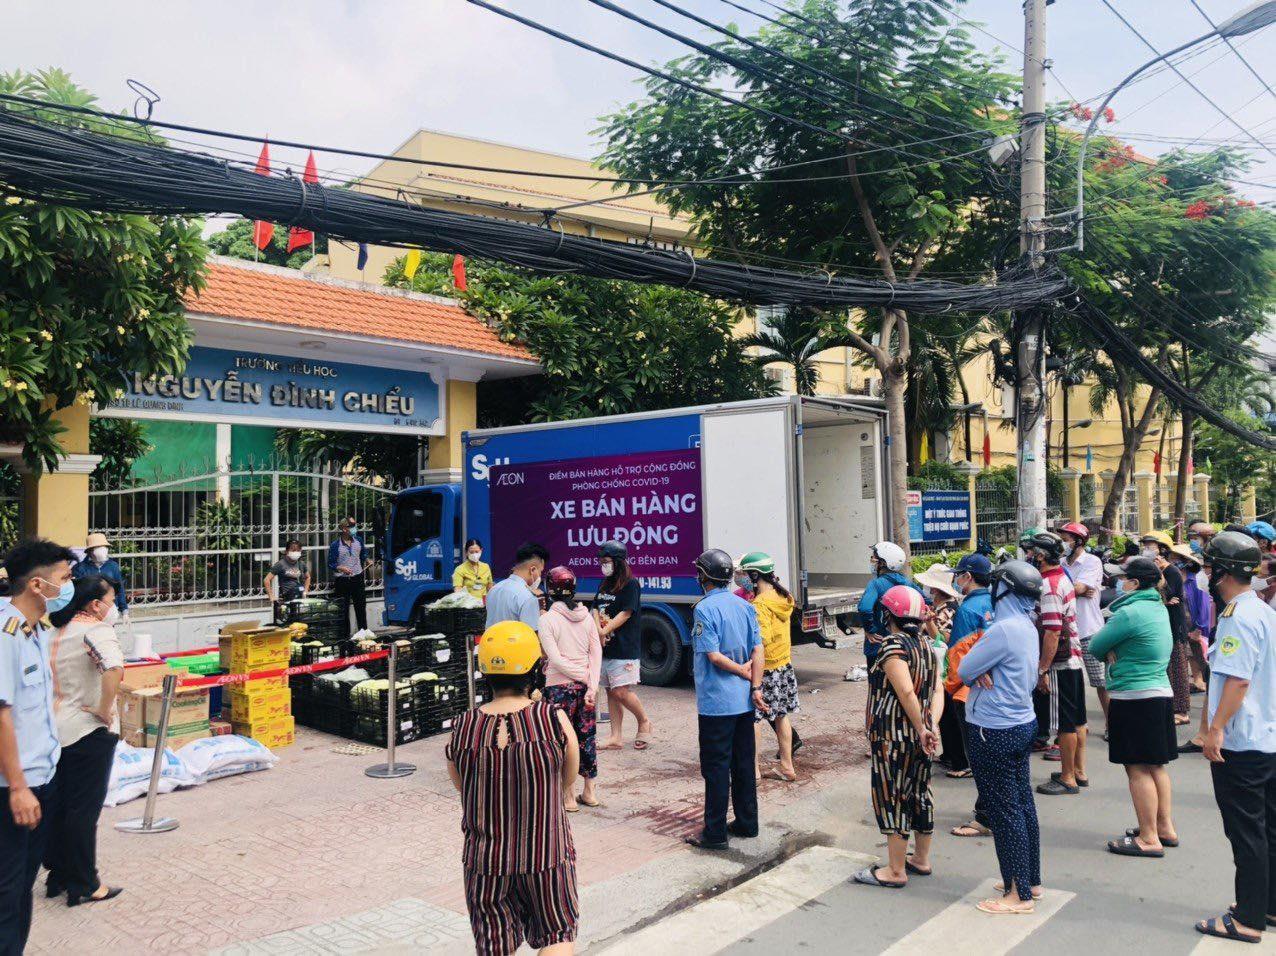 Người dân xếp hàng mua hàng hóa được bán lưu động sáng 13/7 tại khu vực quận 3